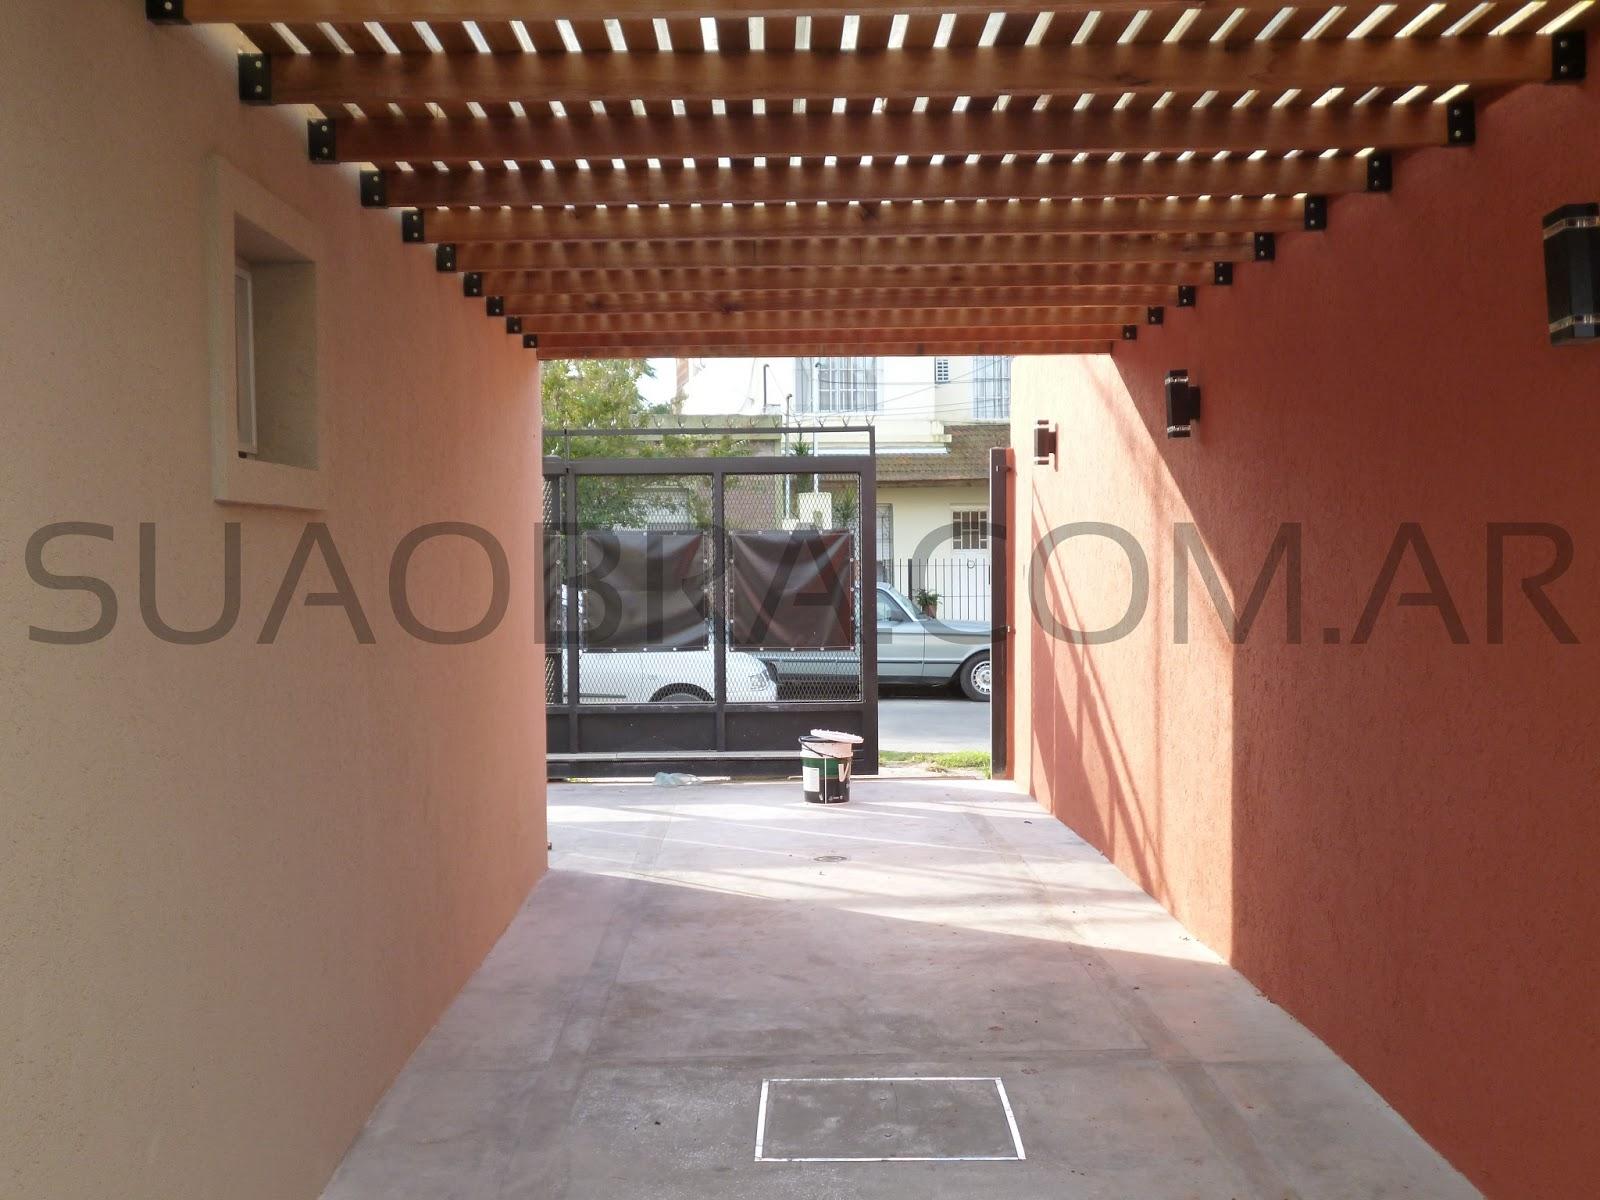 Revestimiento pl stico color para paredes exteriores tel for Revestimiento plastico para paredes